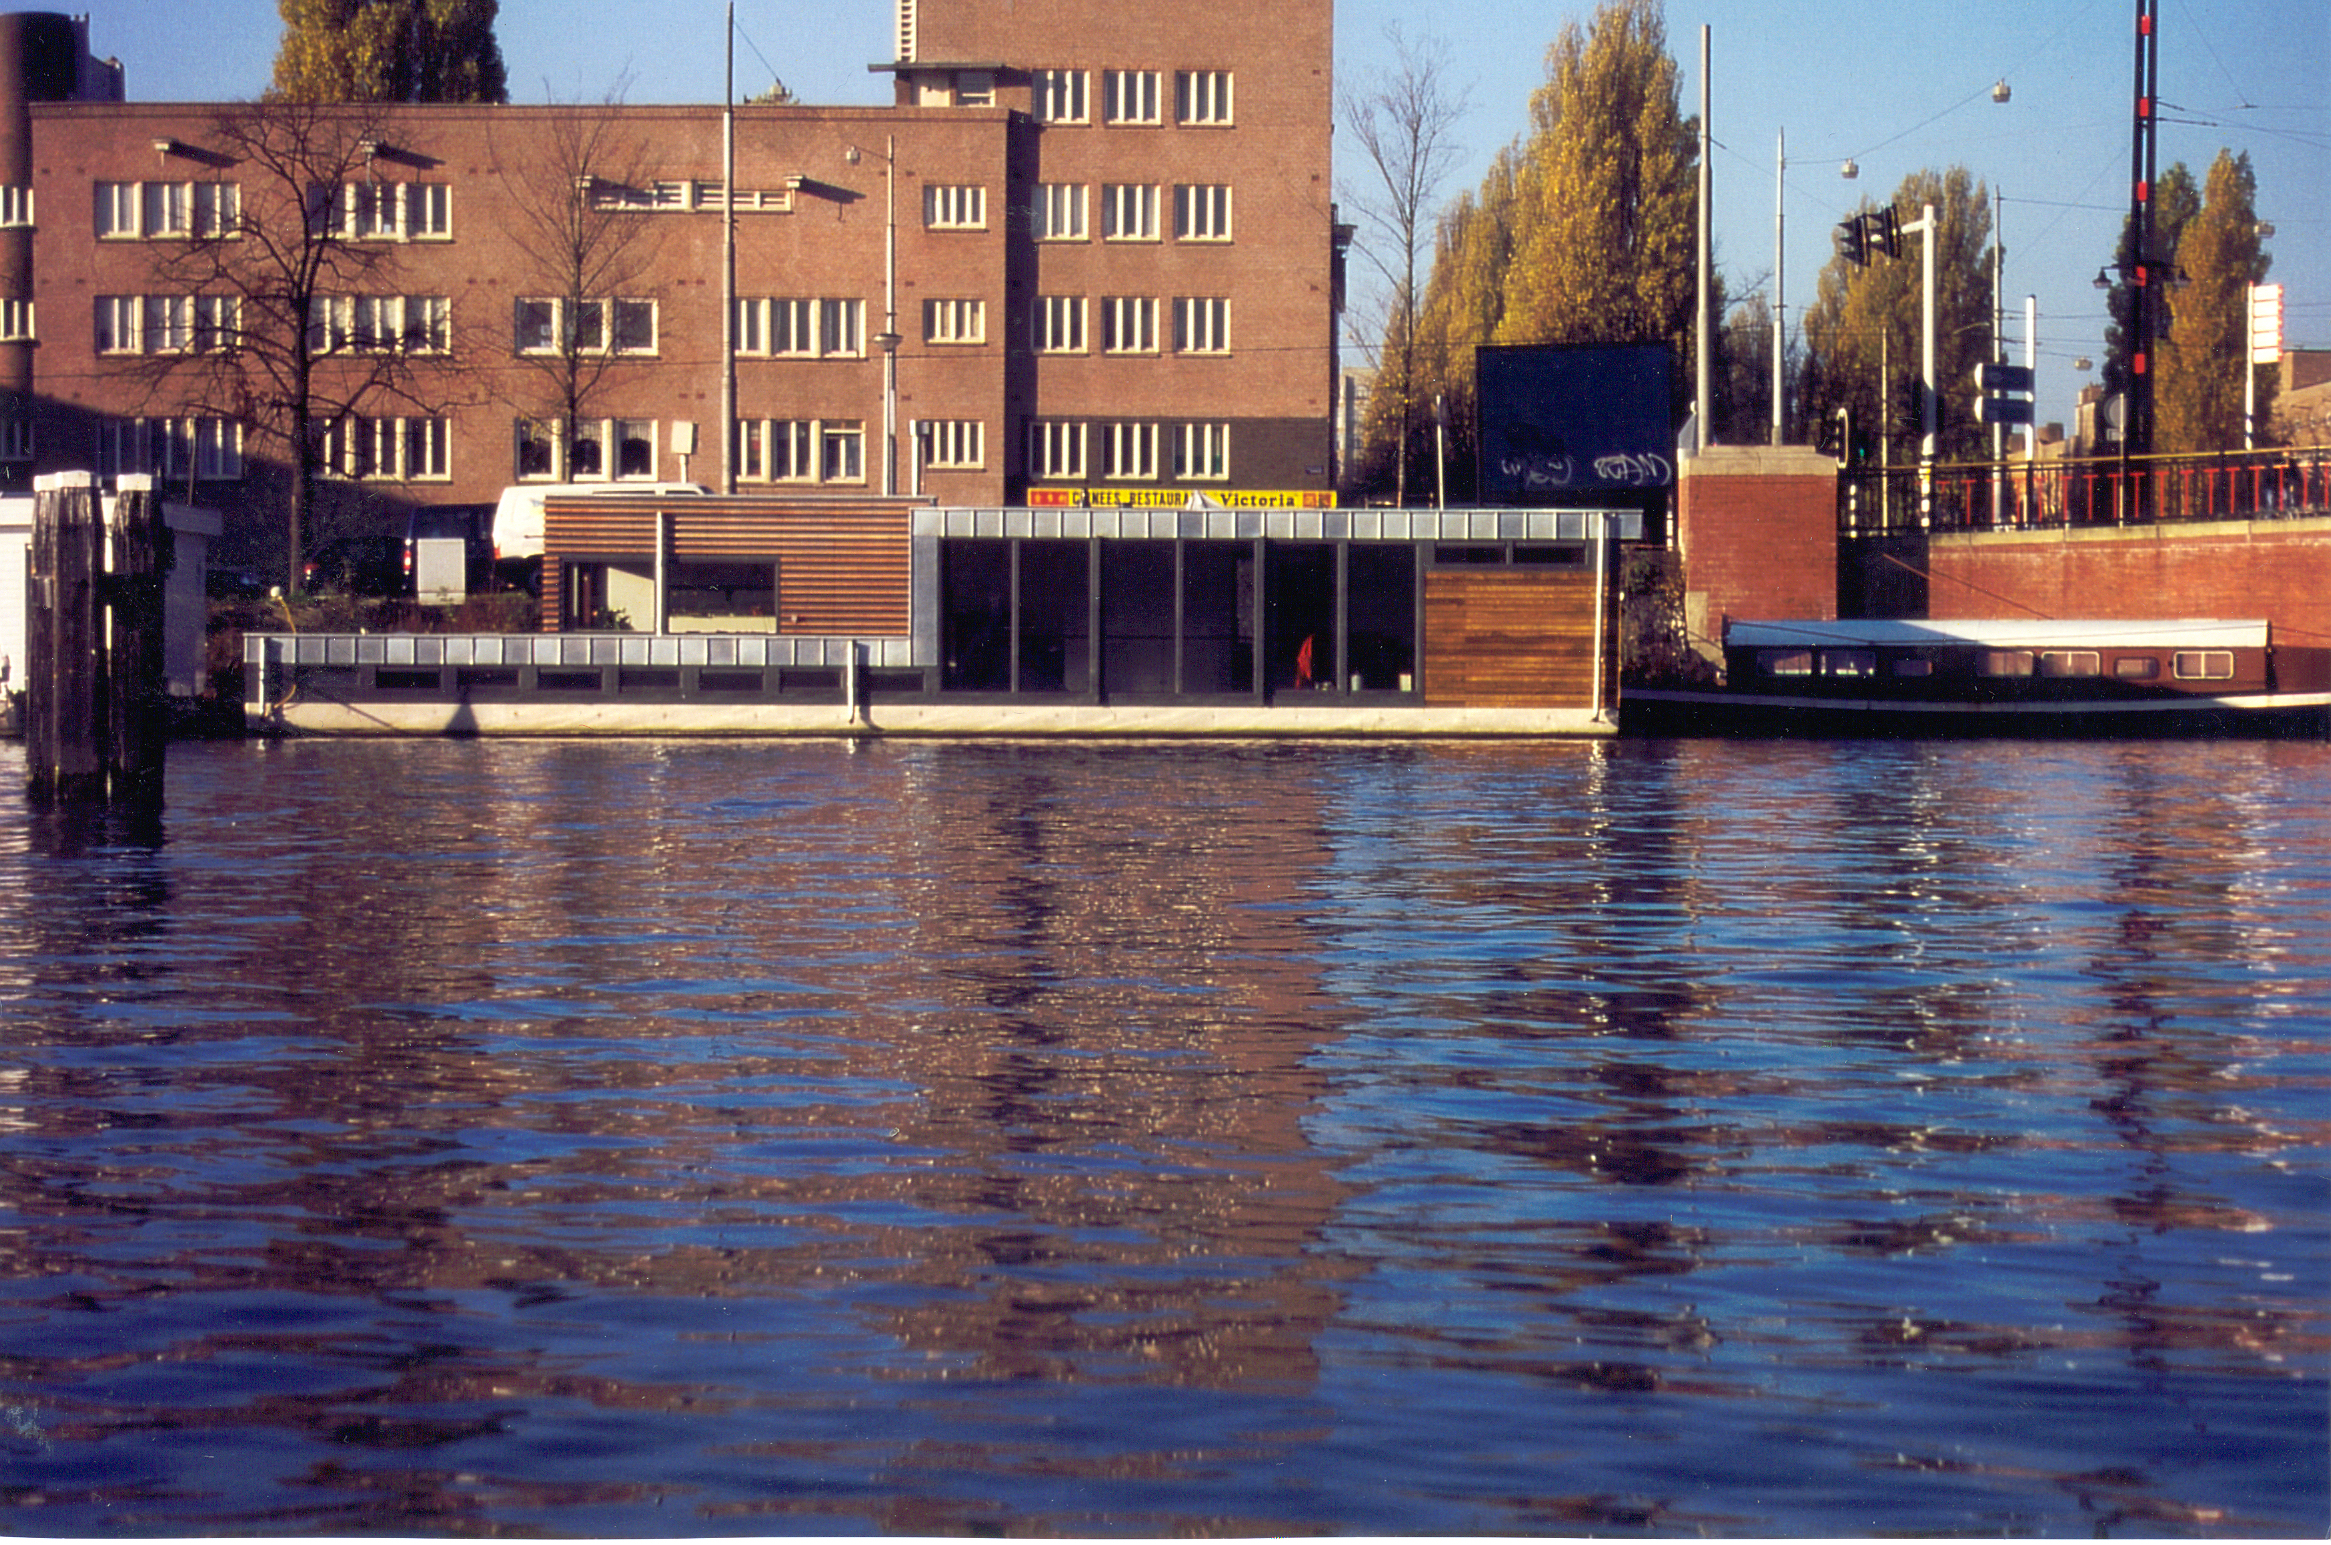 Waterwonen aan de amsteldijk. Woonark woonboot waterwoning MTB architecten